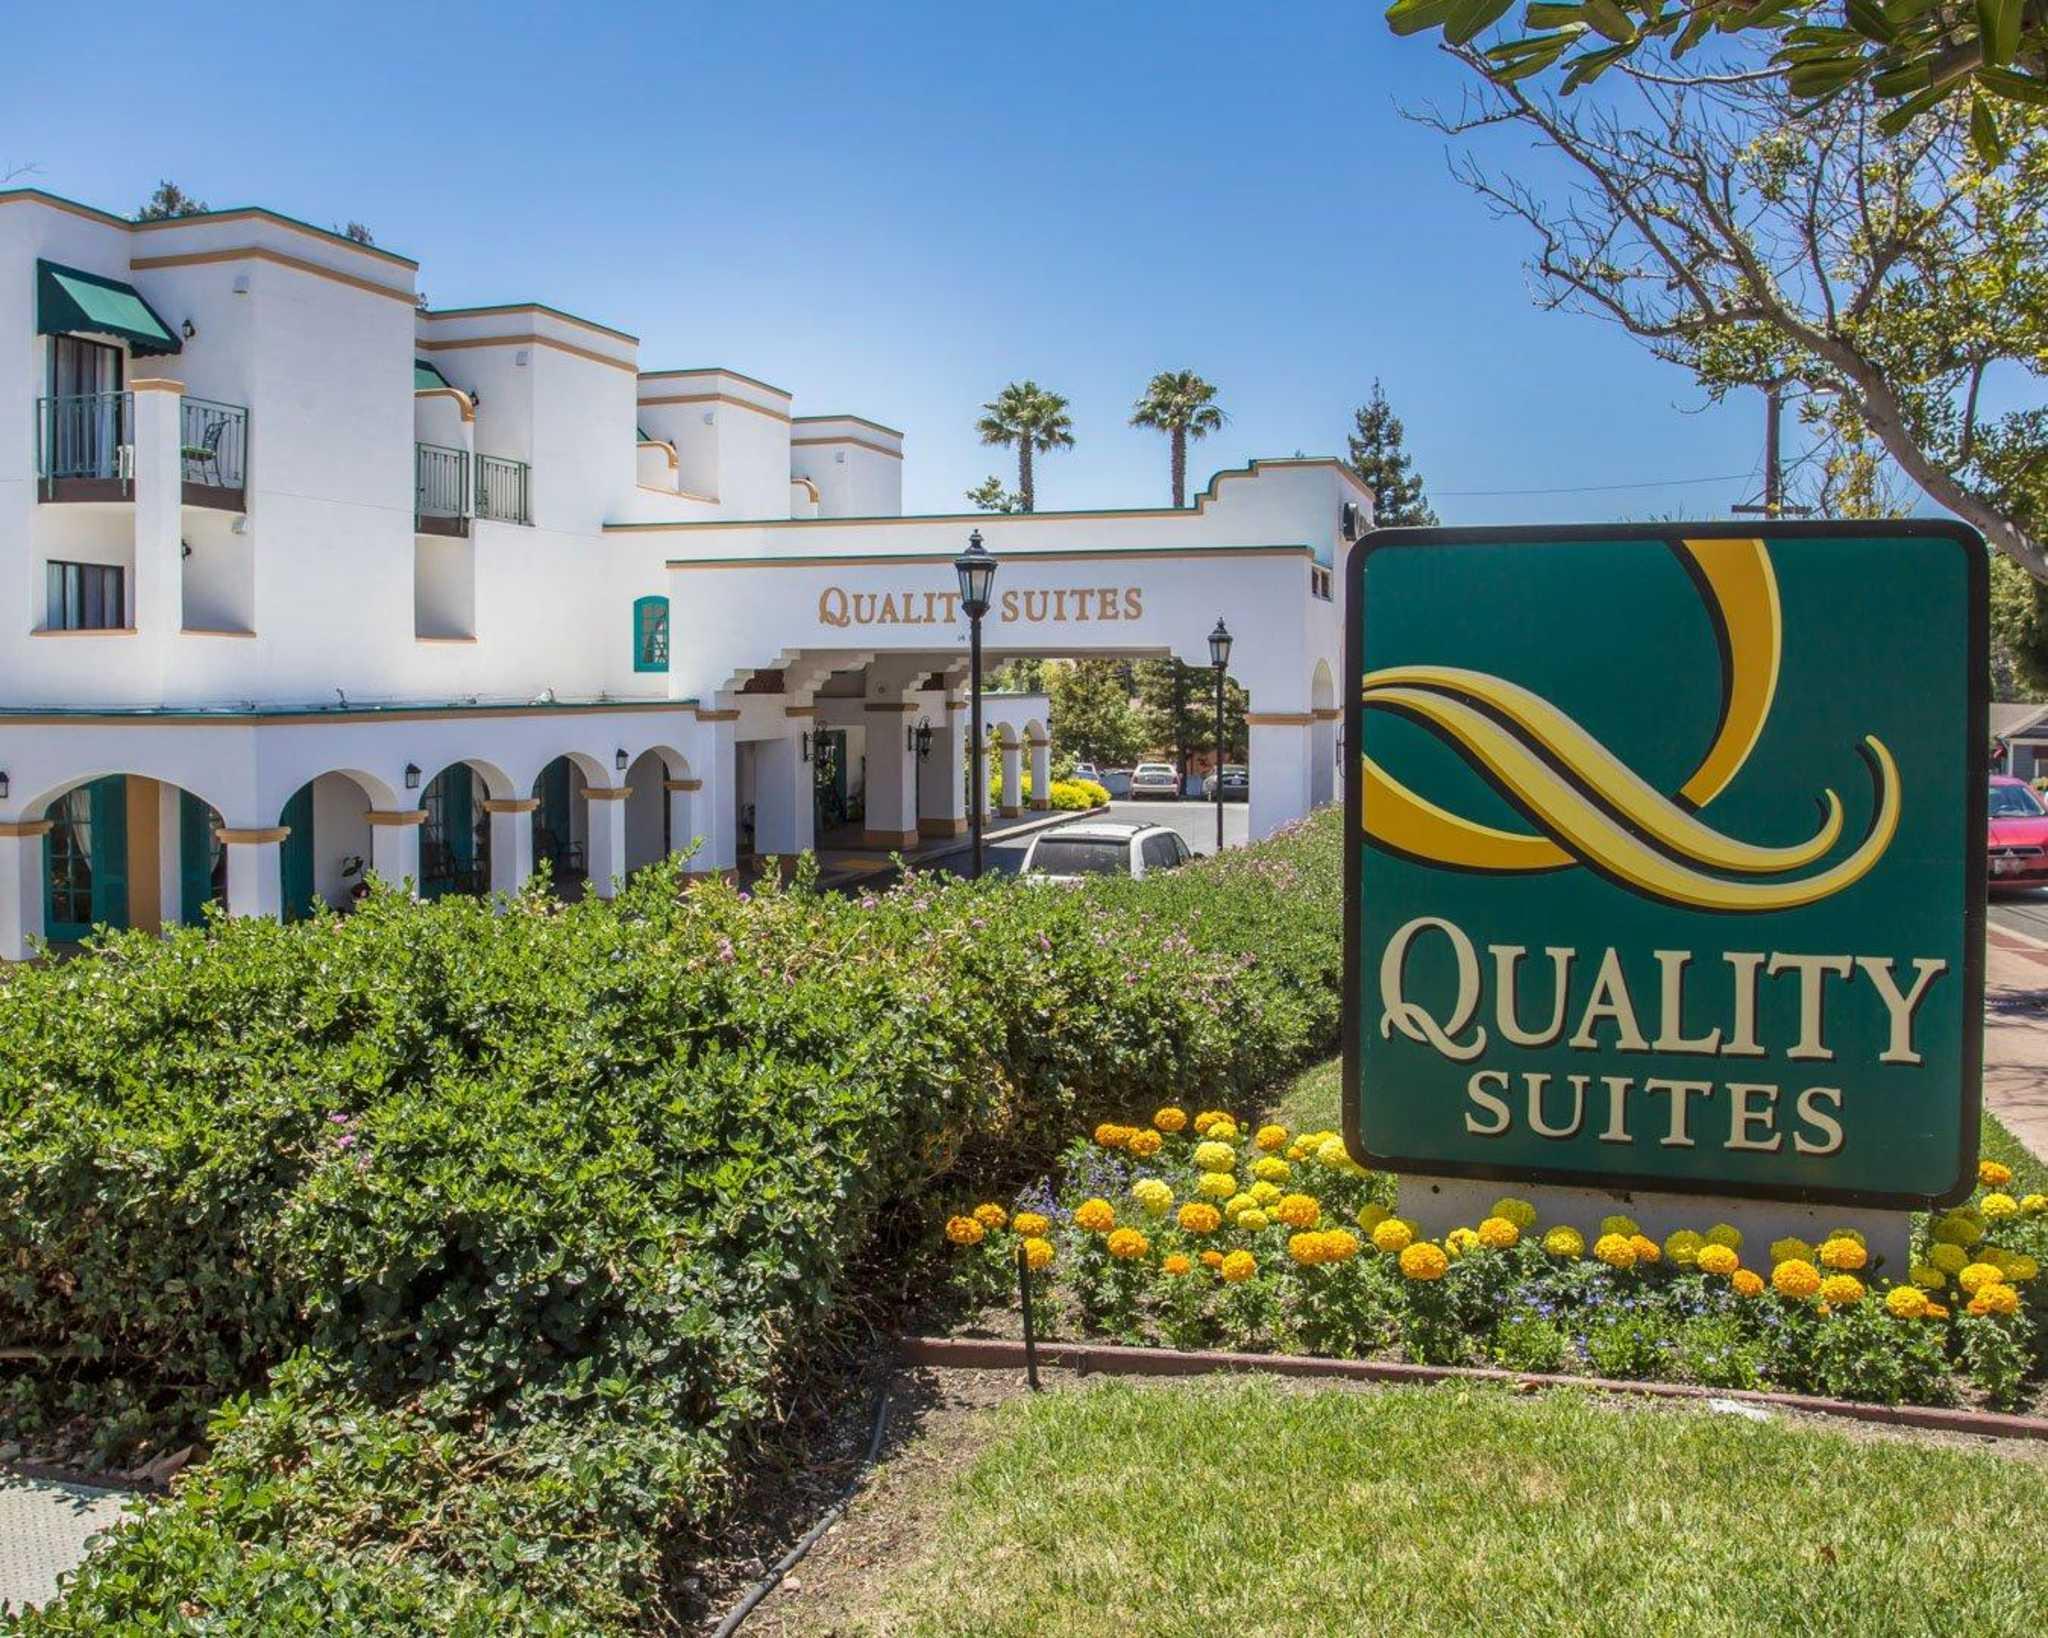 Hotels Motels In San Luis Obispo Ca